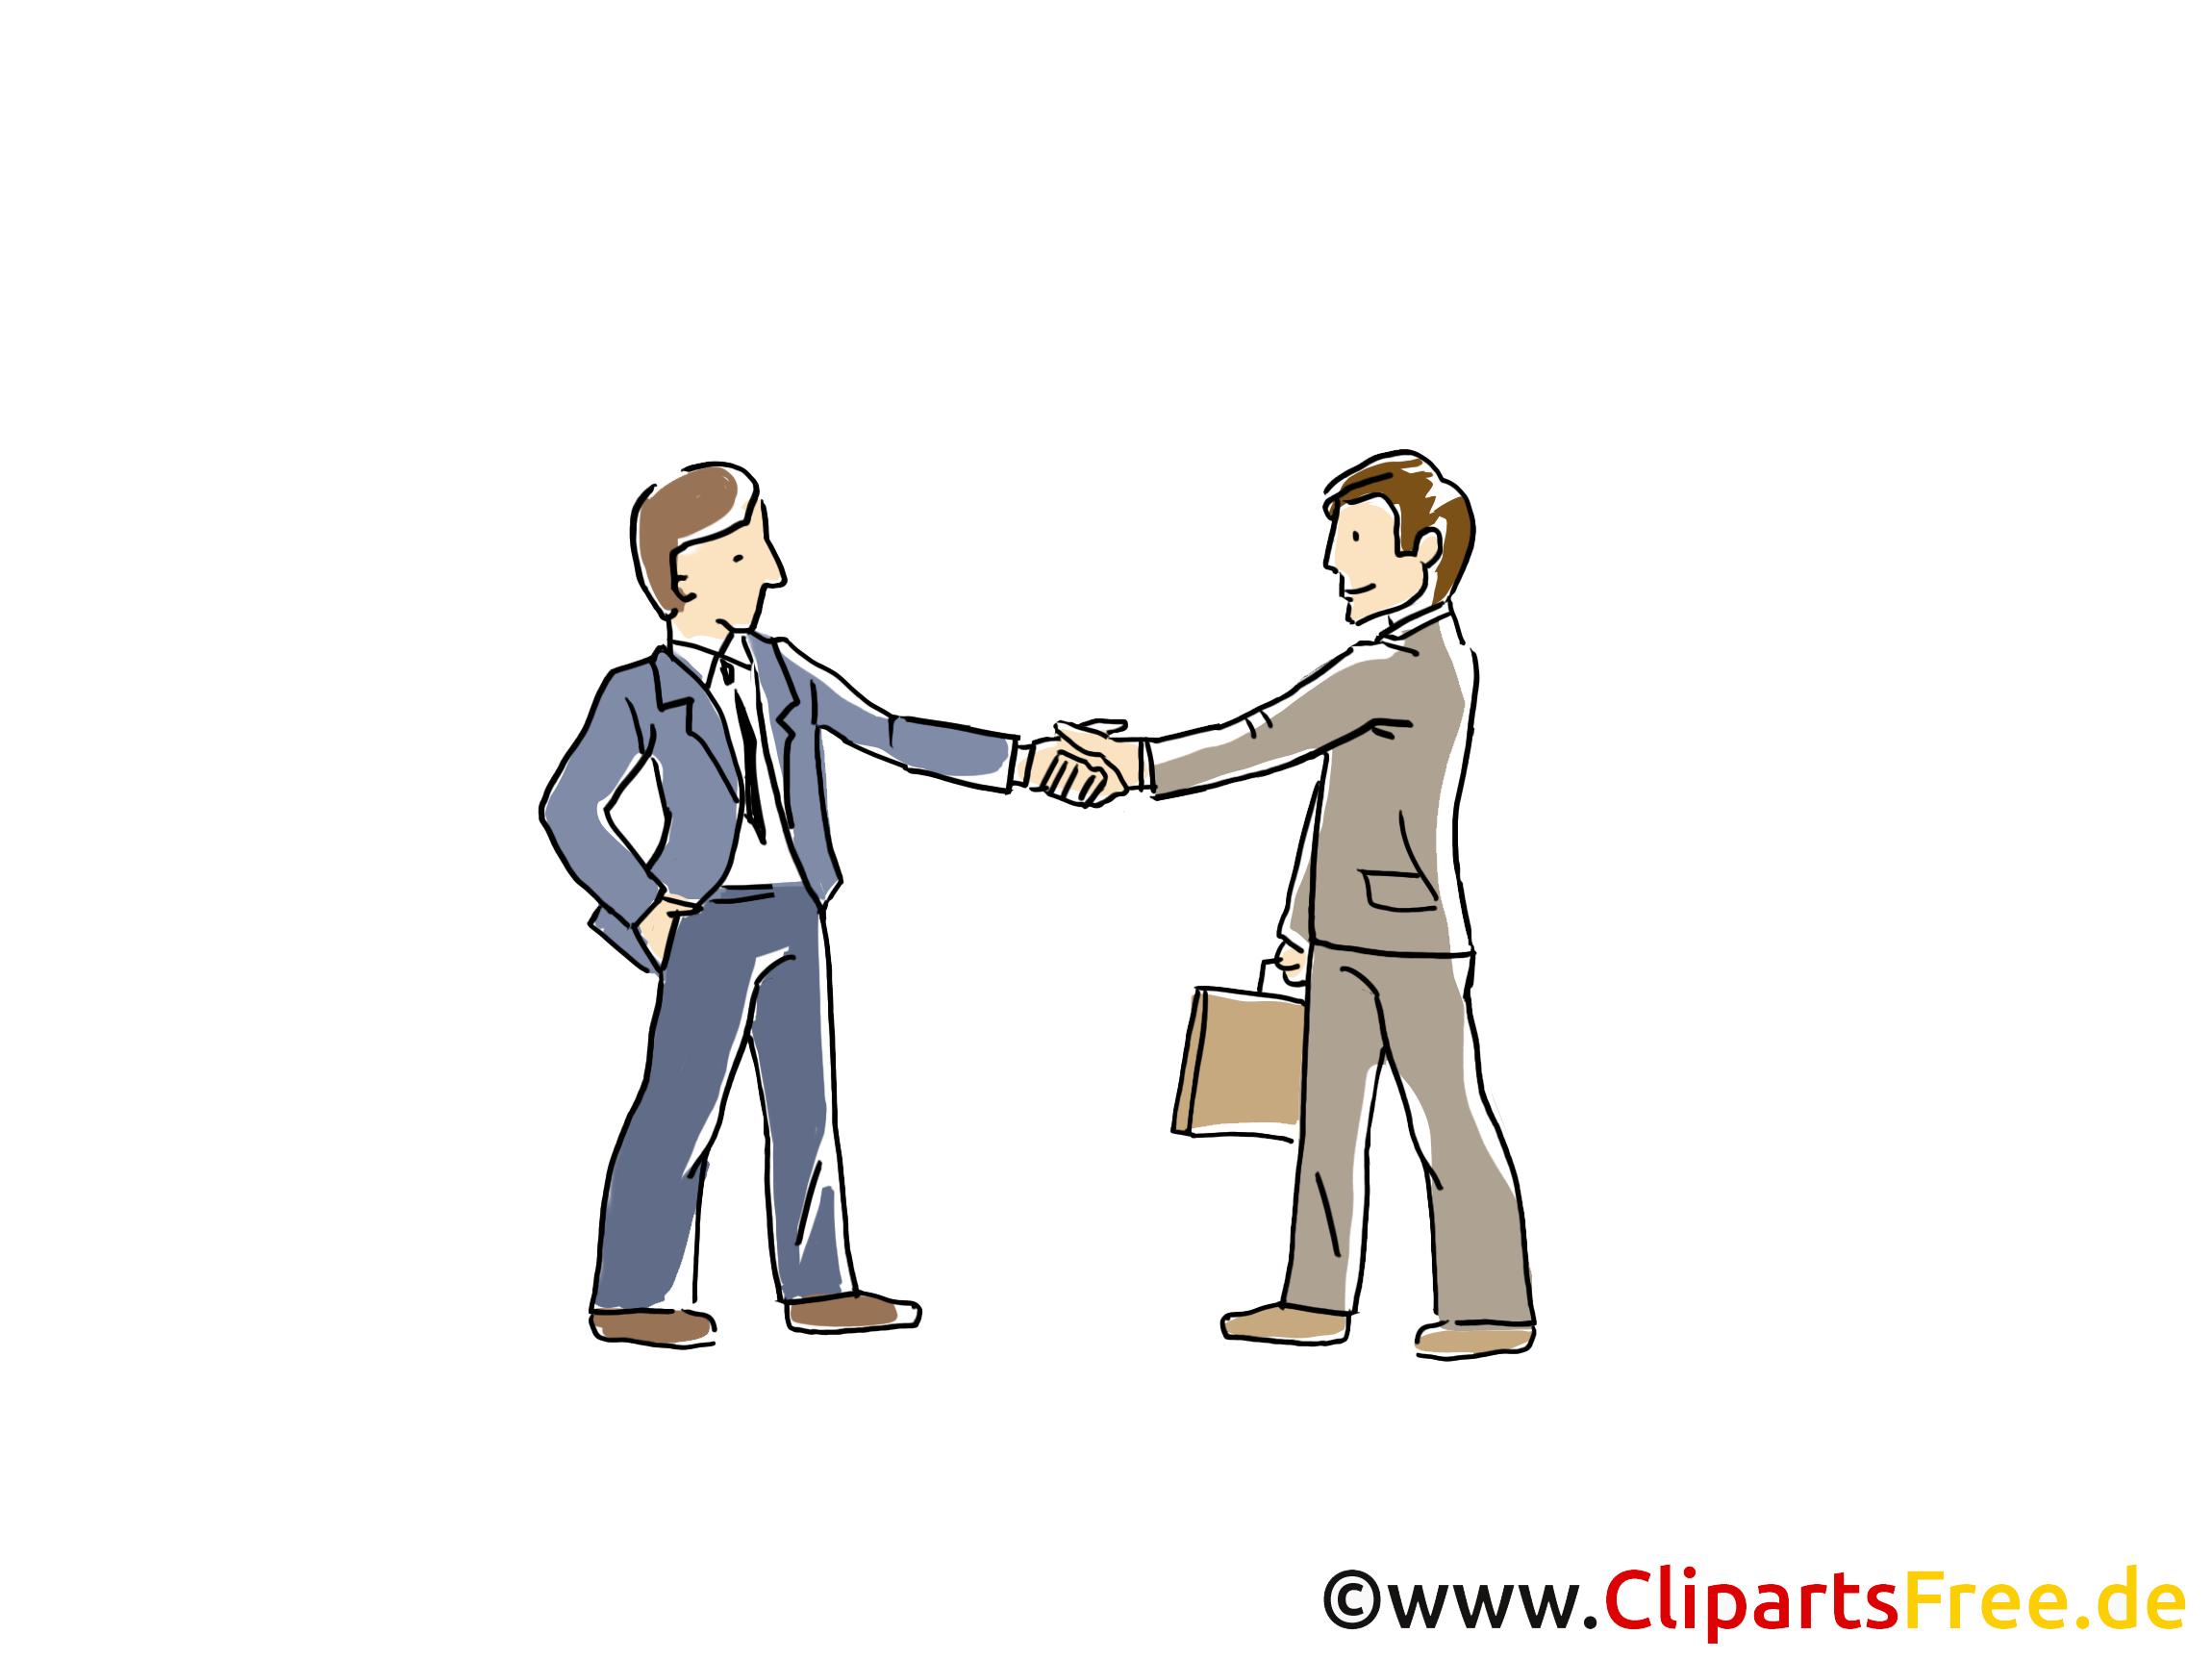 Réunion d'affaires image – Finances images cliparts